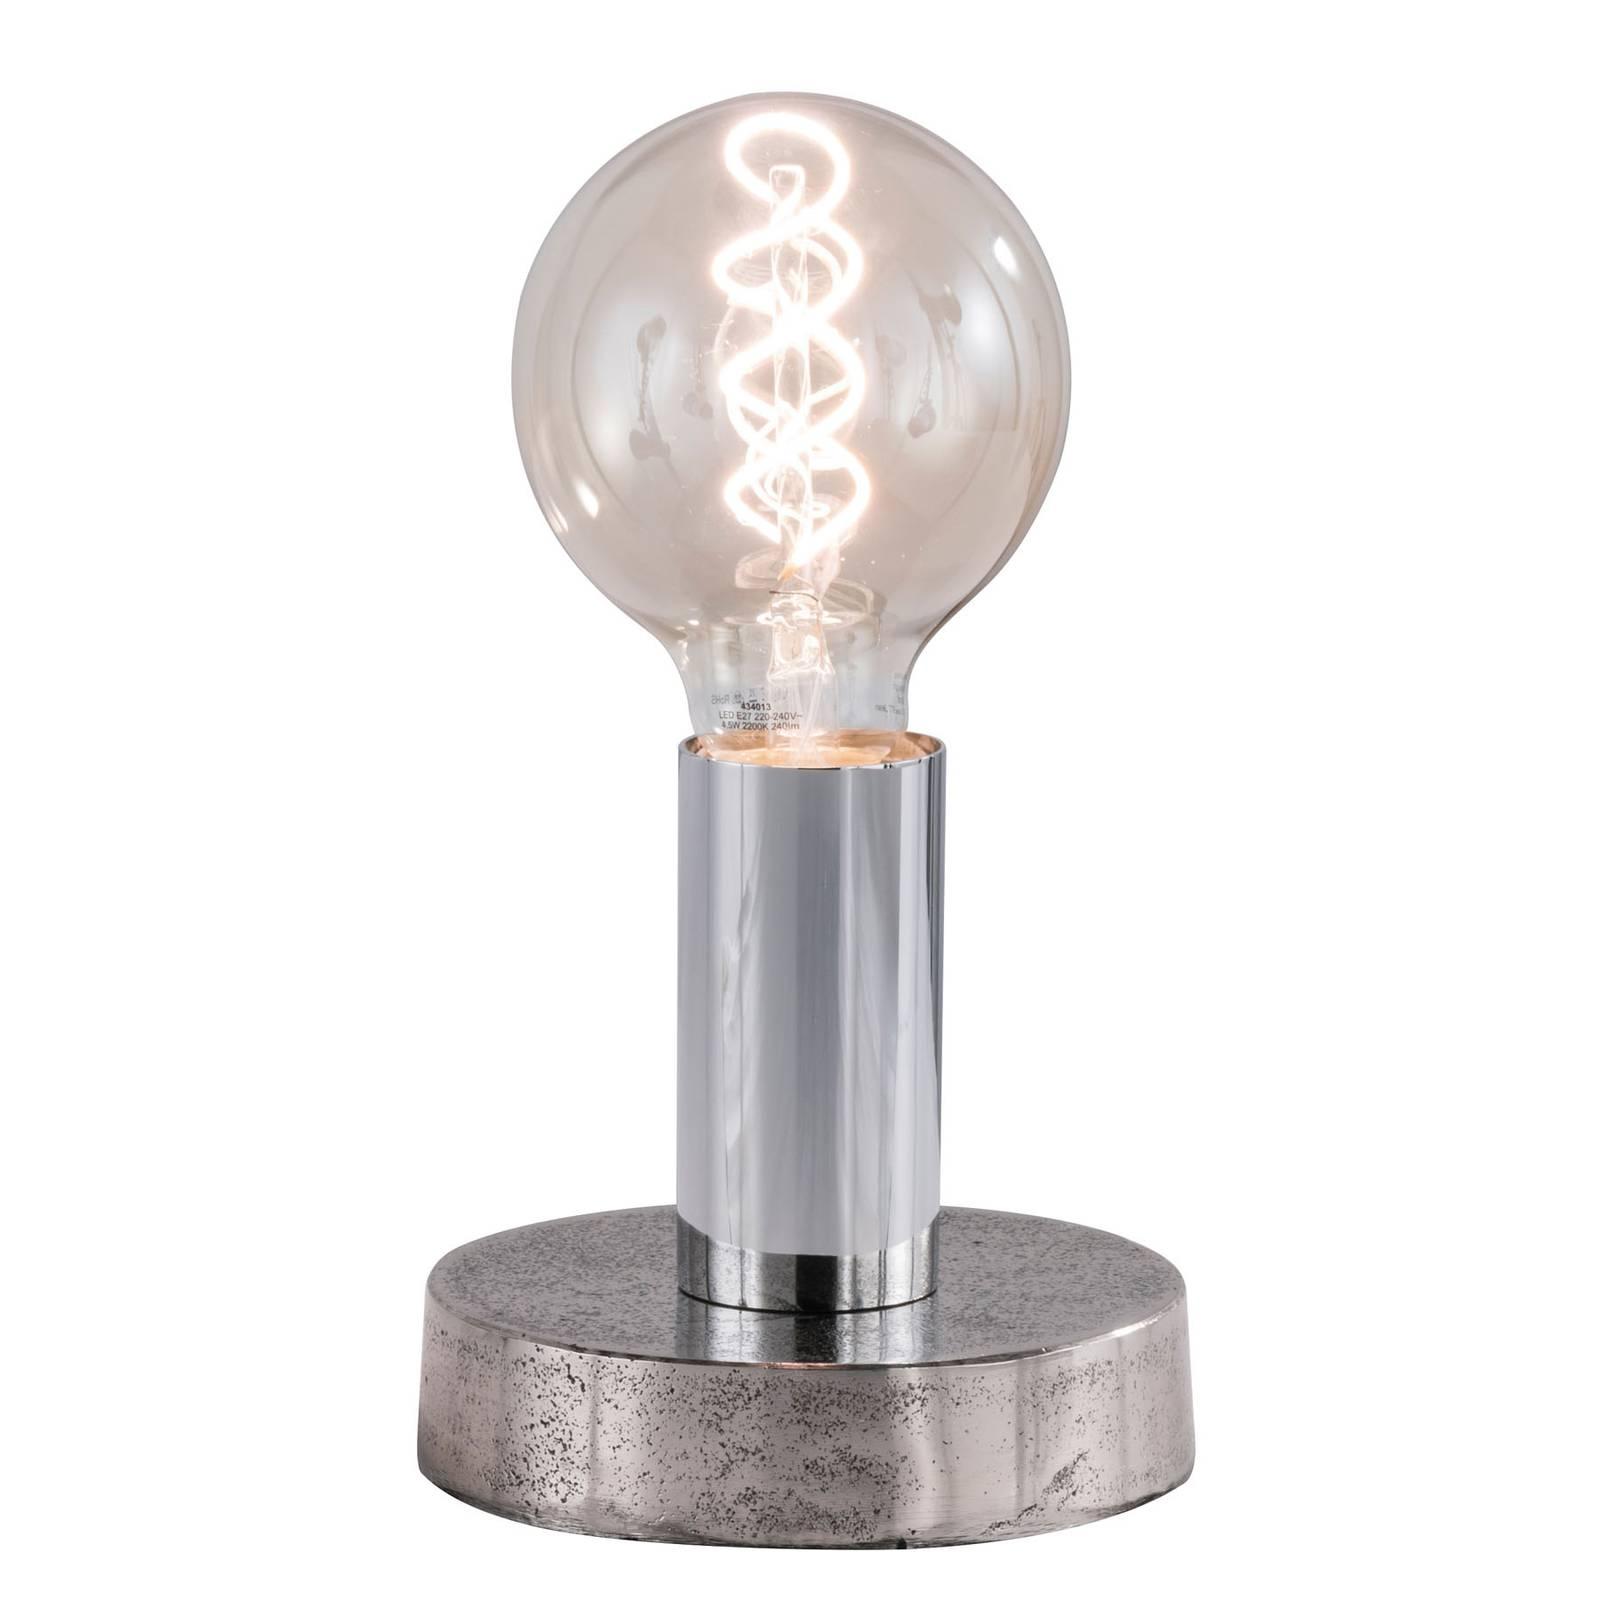 Tafellamp Valence met ronde voet